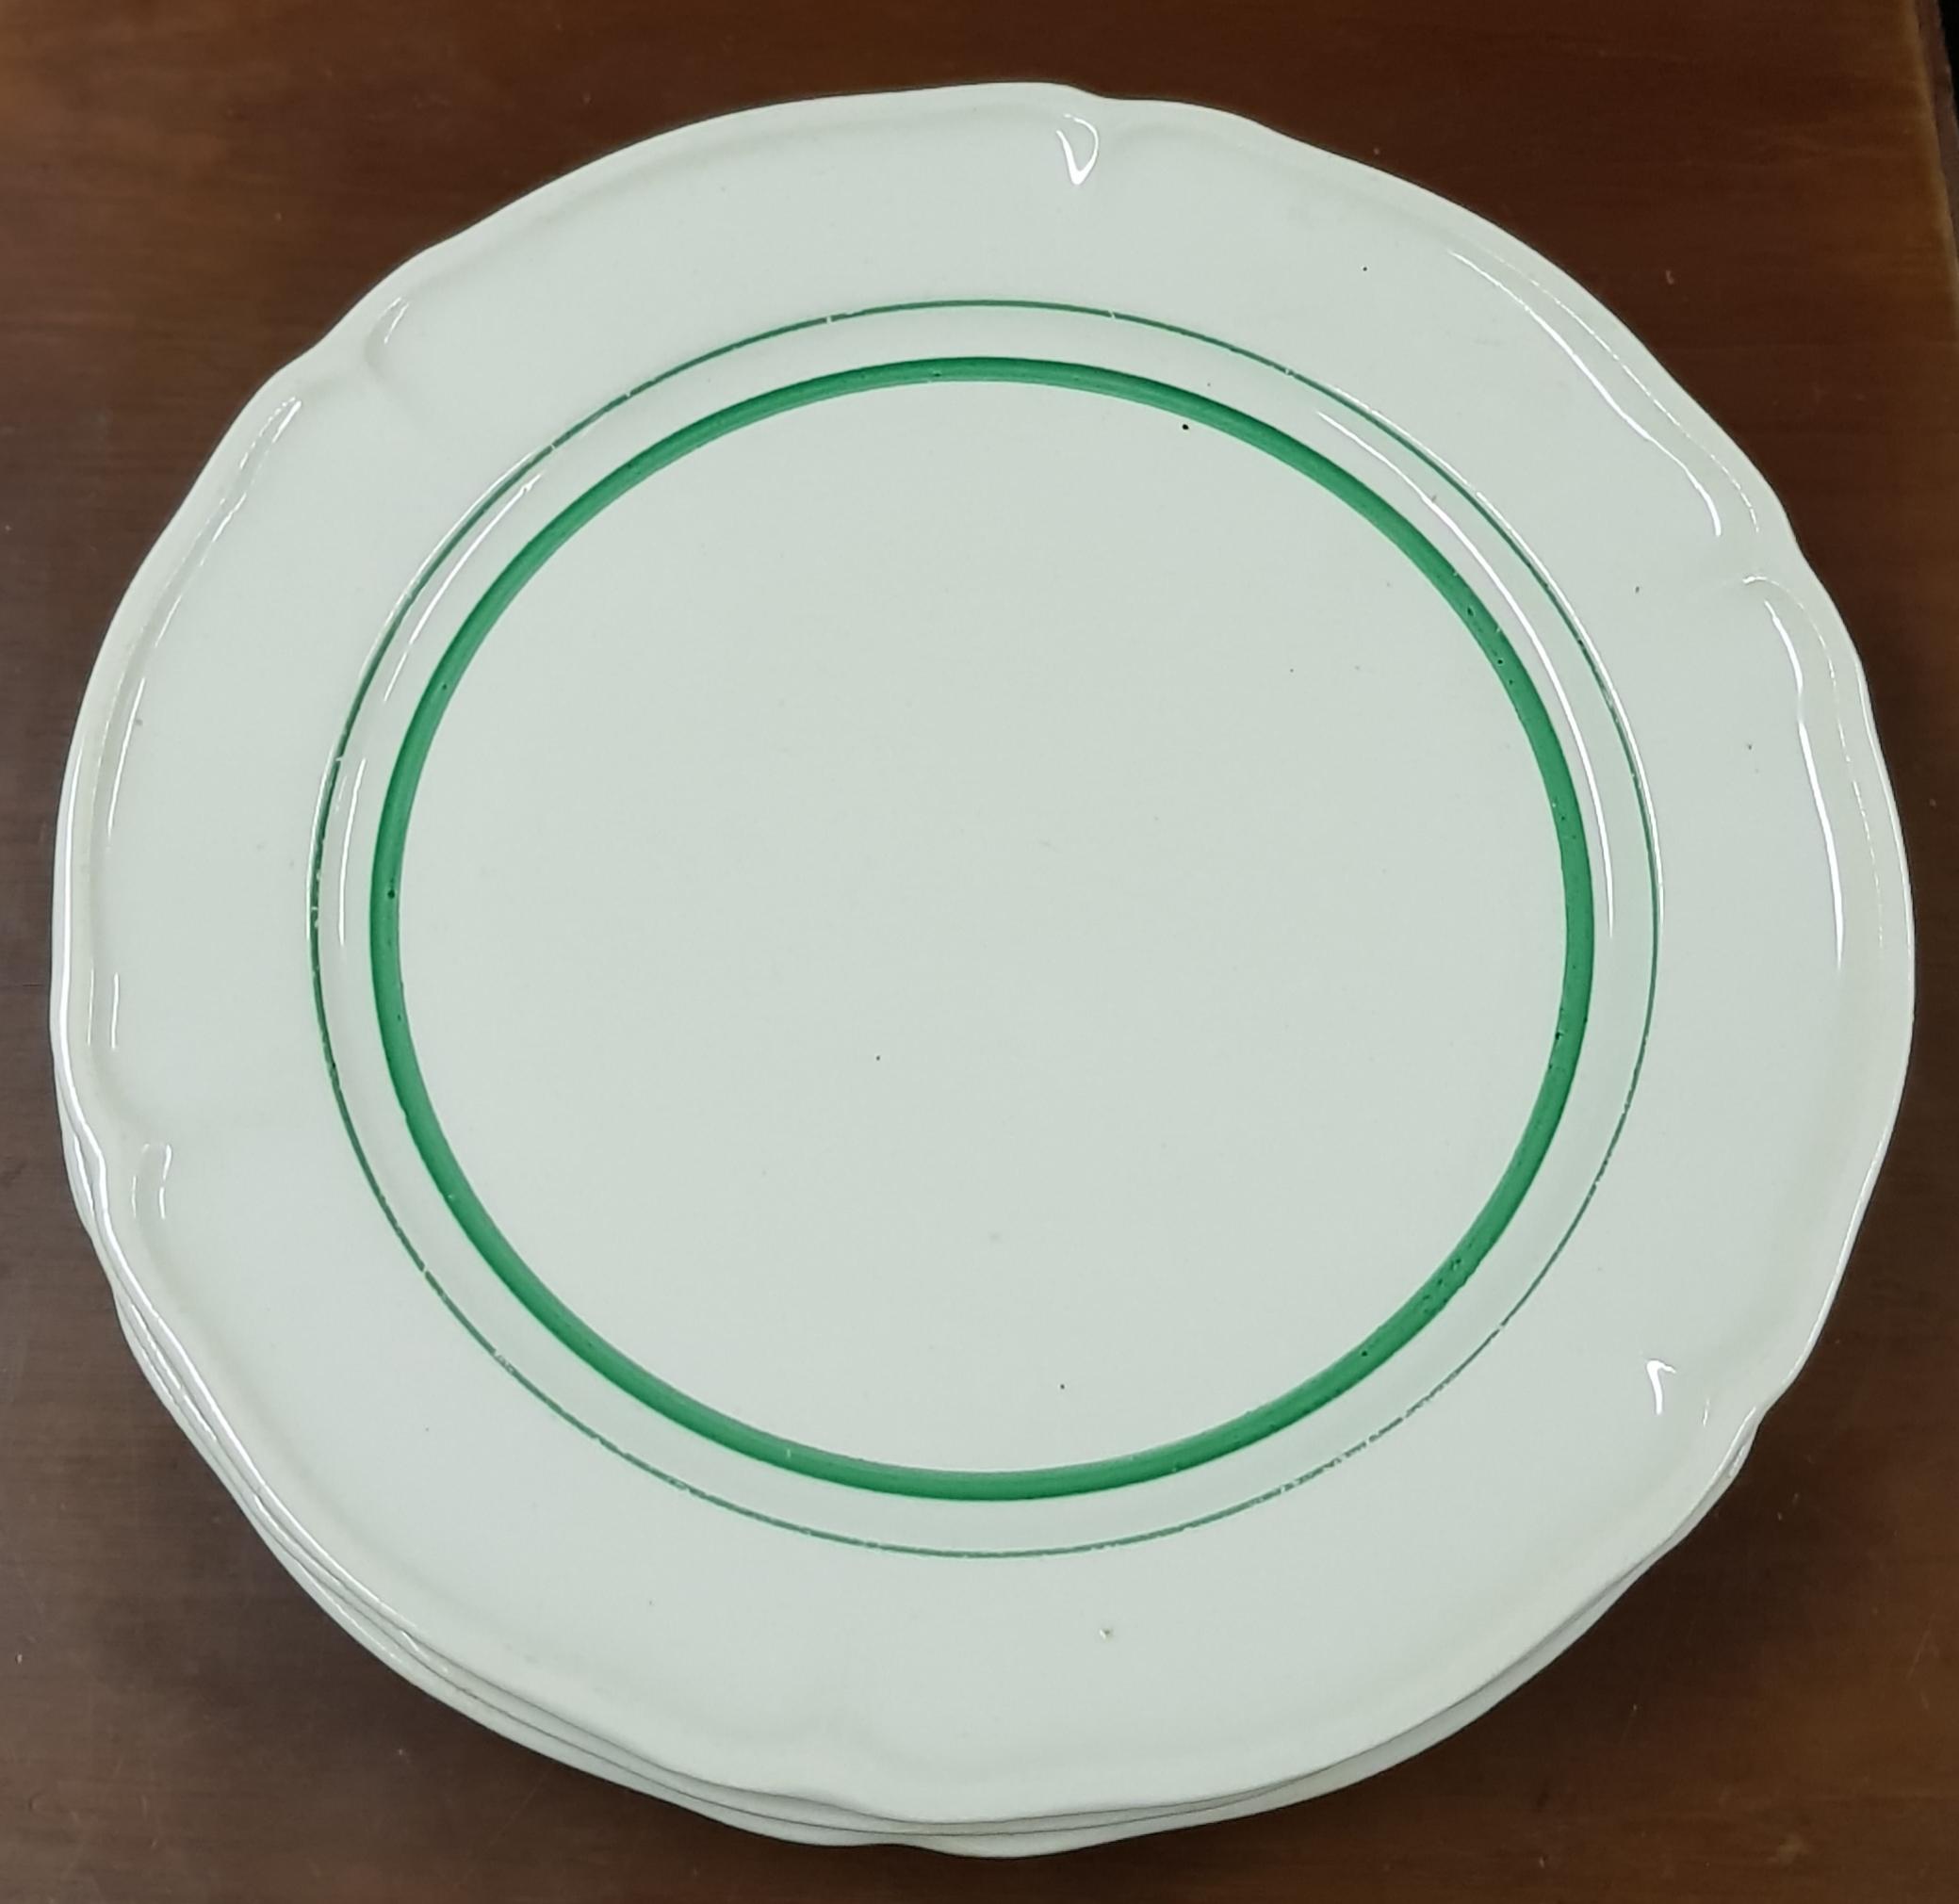 Arabia ruokalautaset, vihreä raita 4kpl